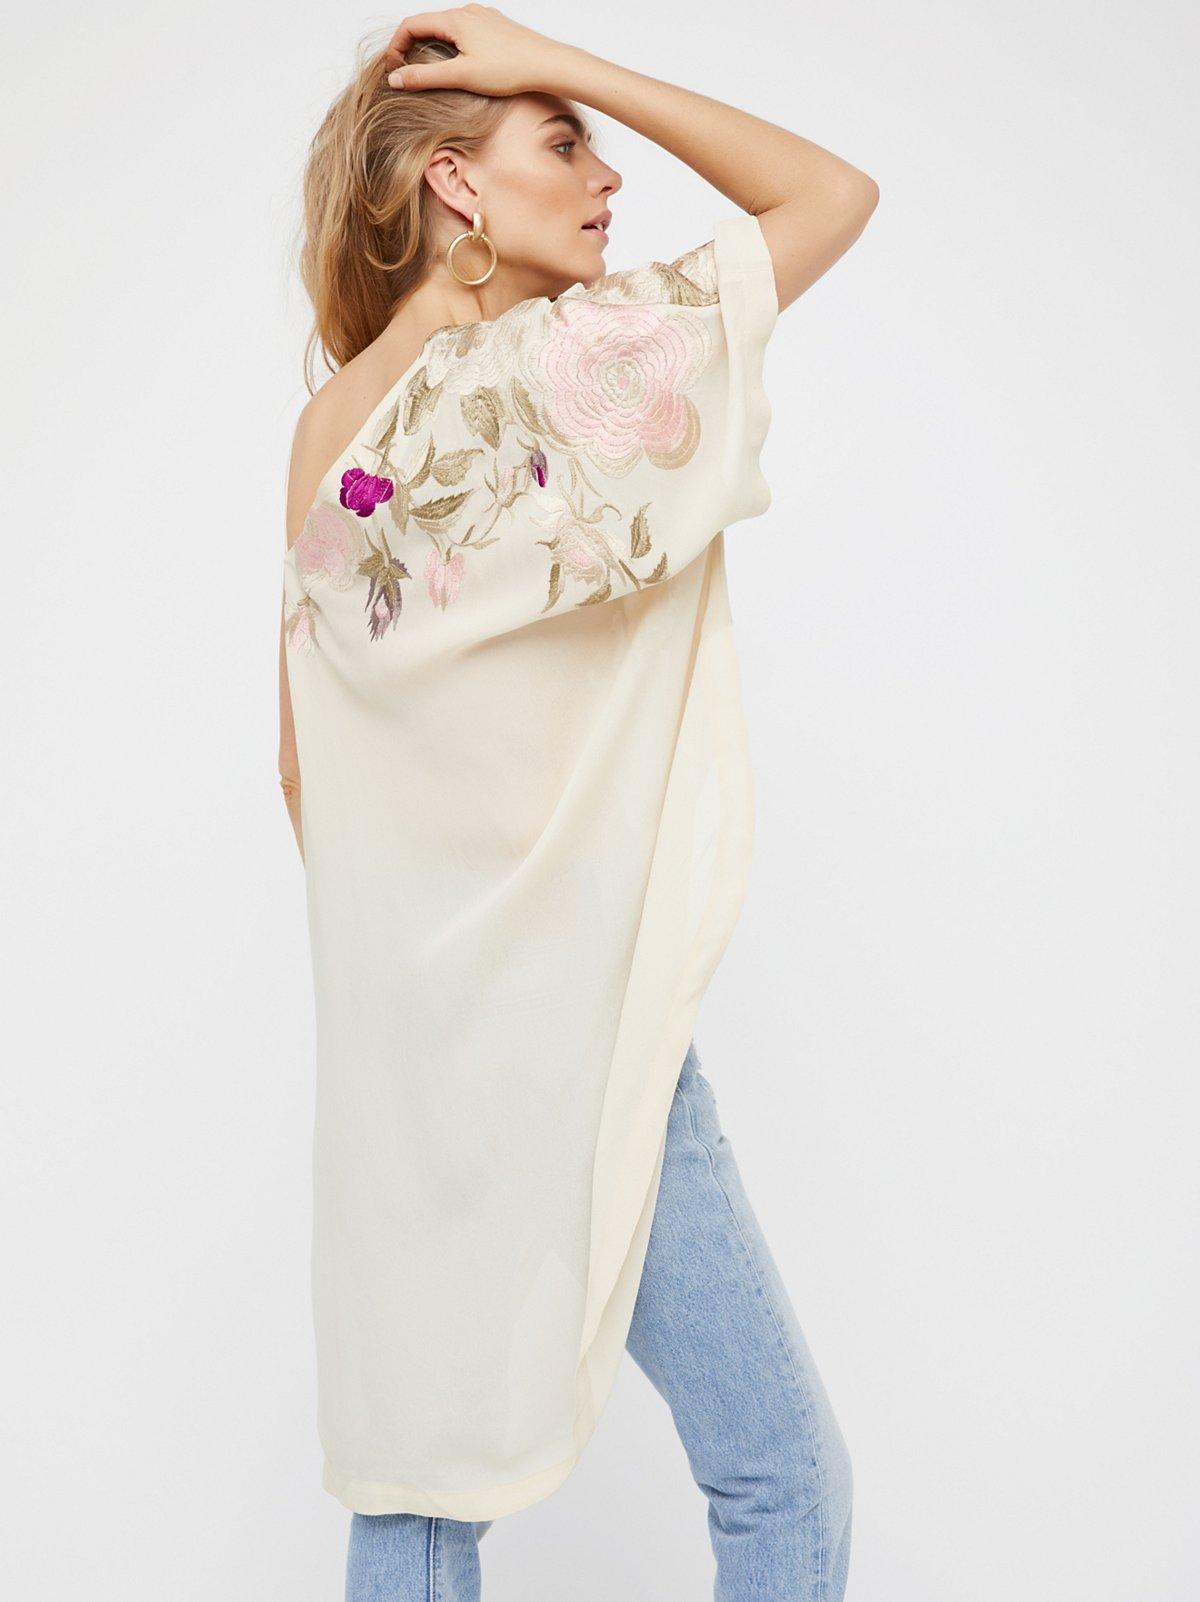 Shanti刺绣裙衫